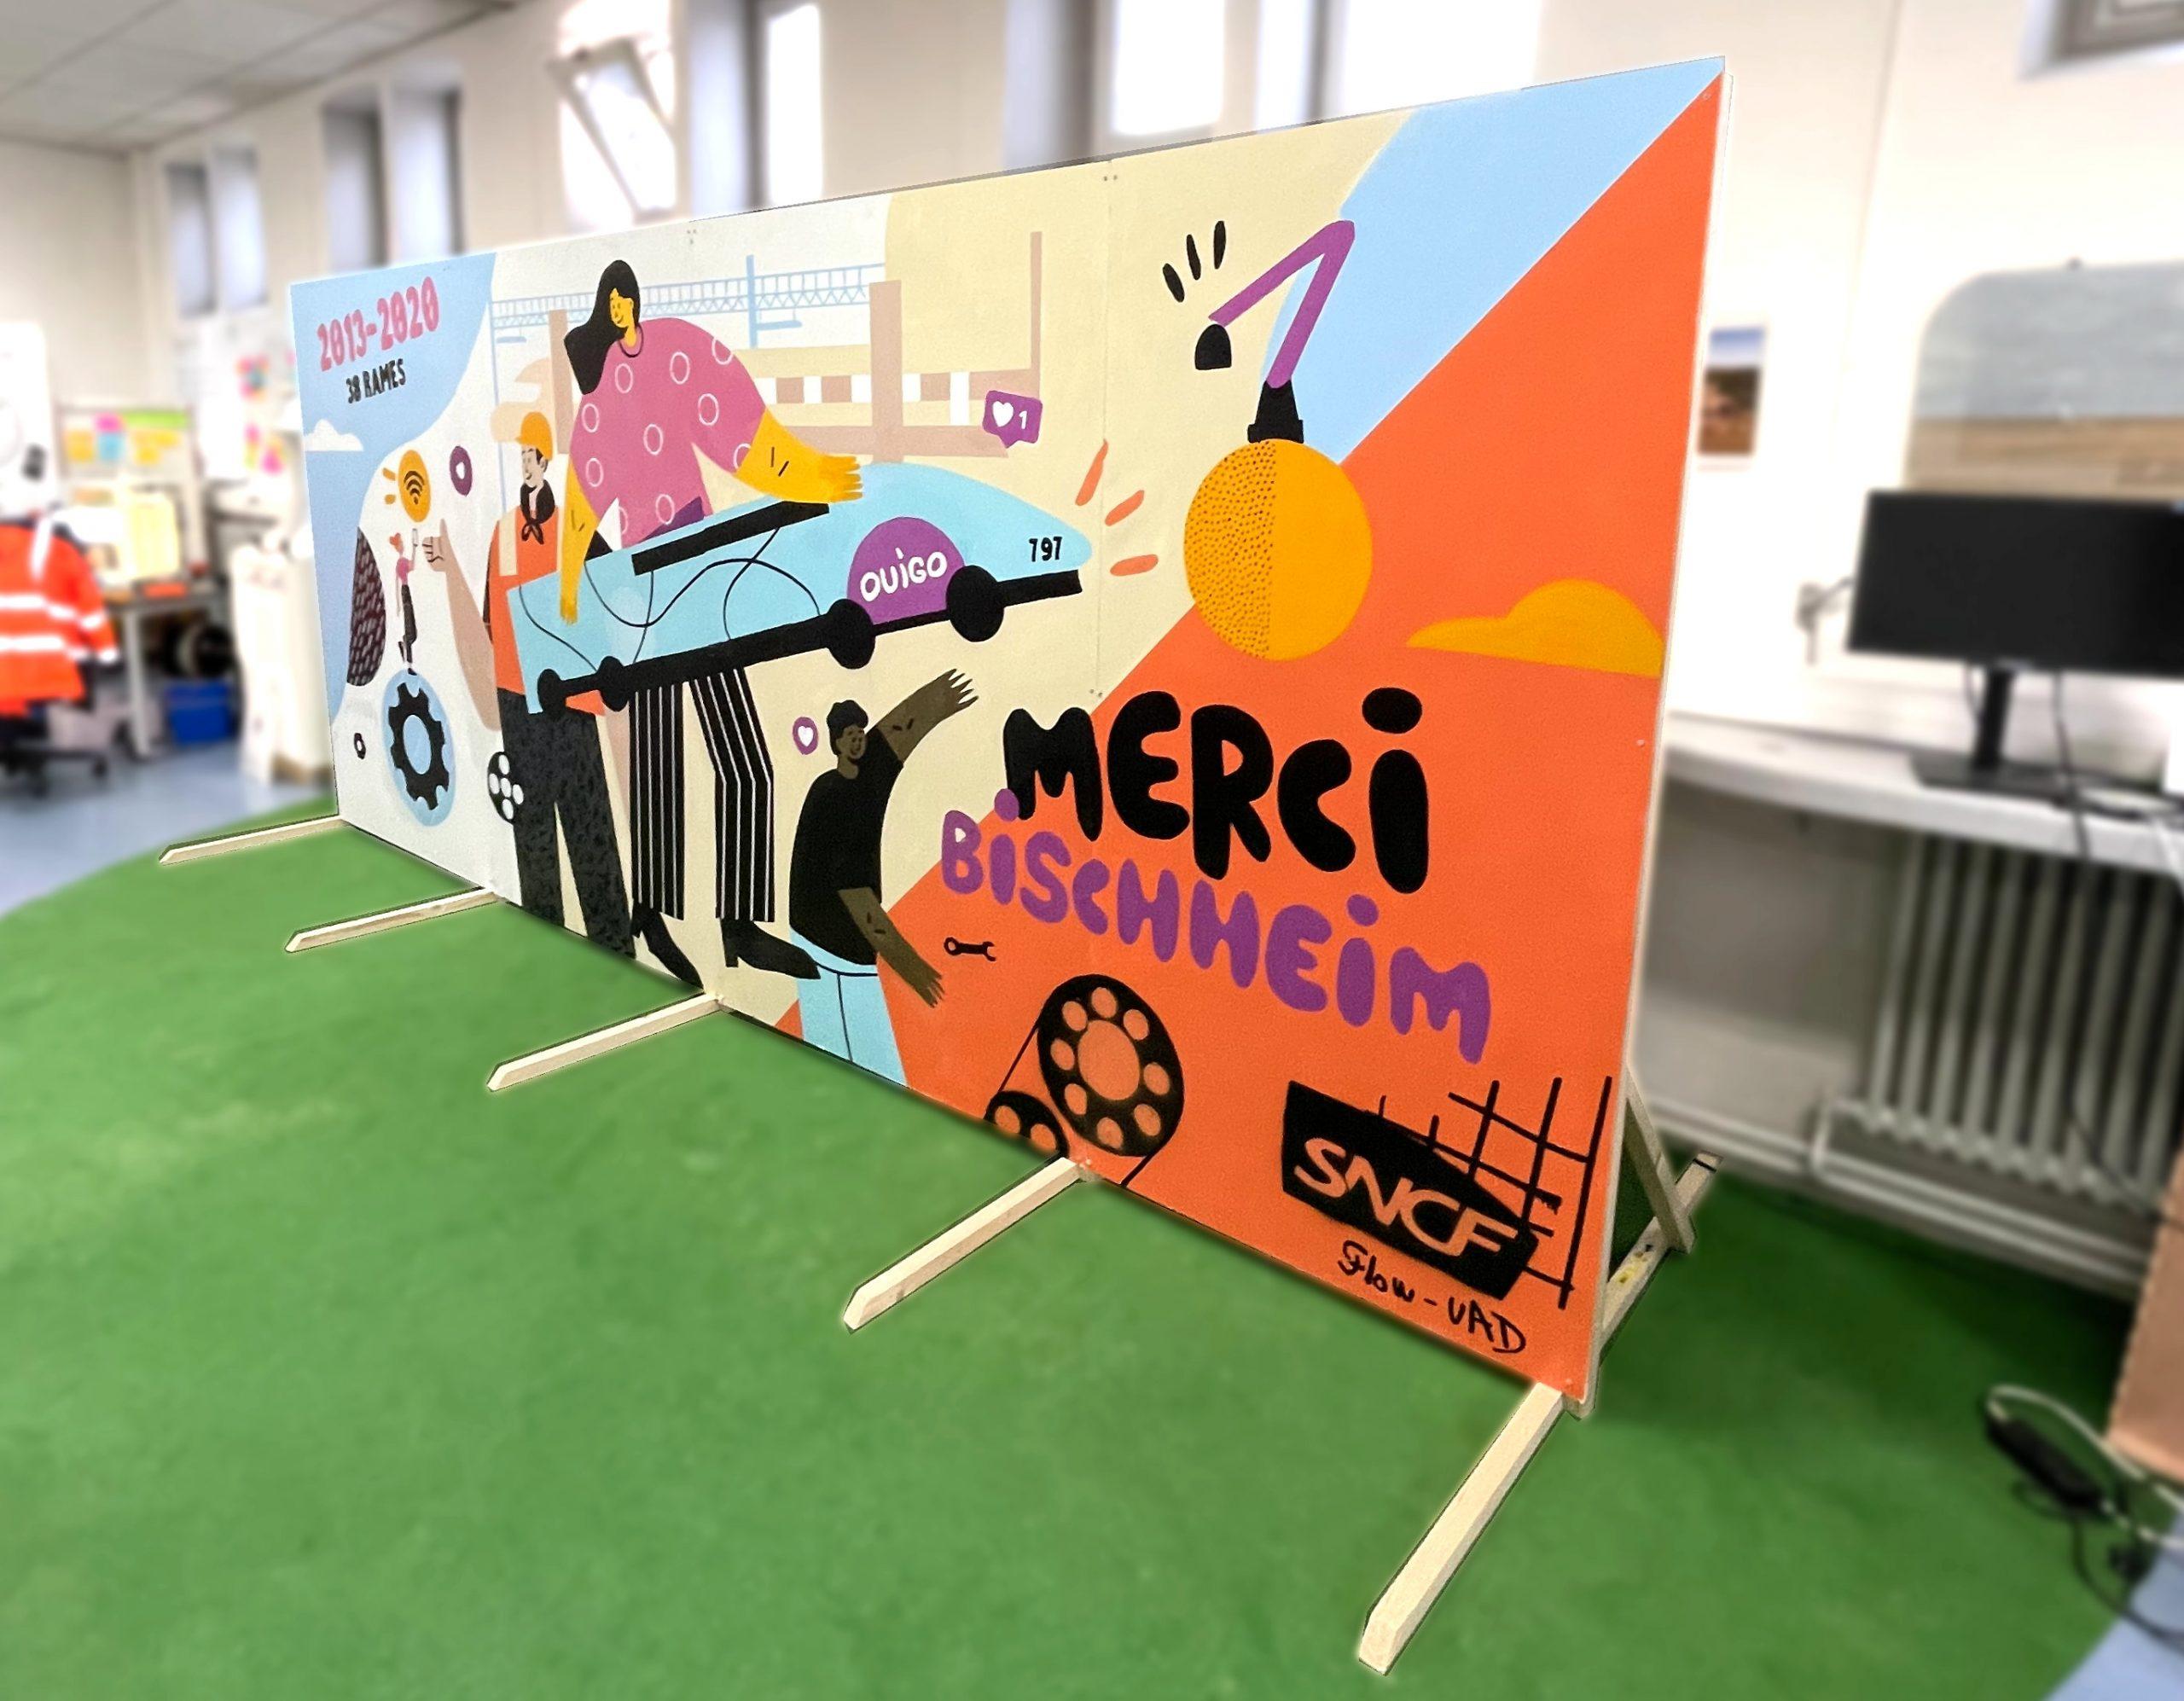 vue-02-fresque-art-urbain-pour-entreprise-sncf-ouigo-graffeur-professionnel